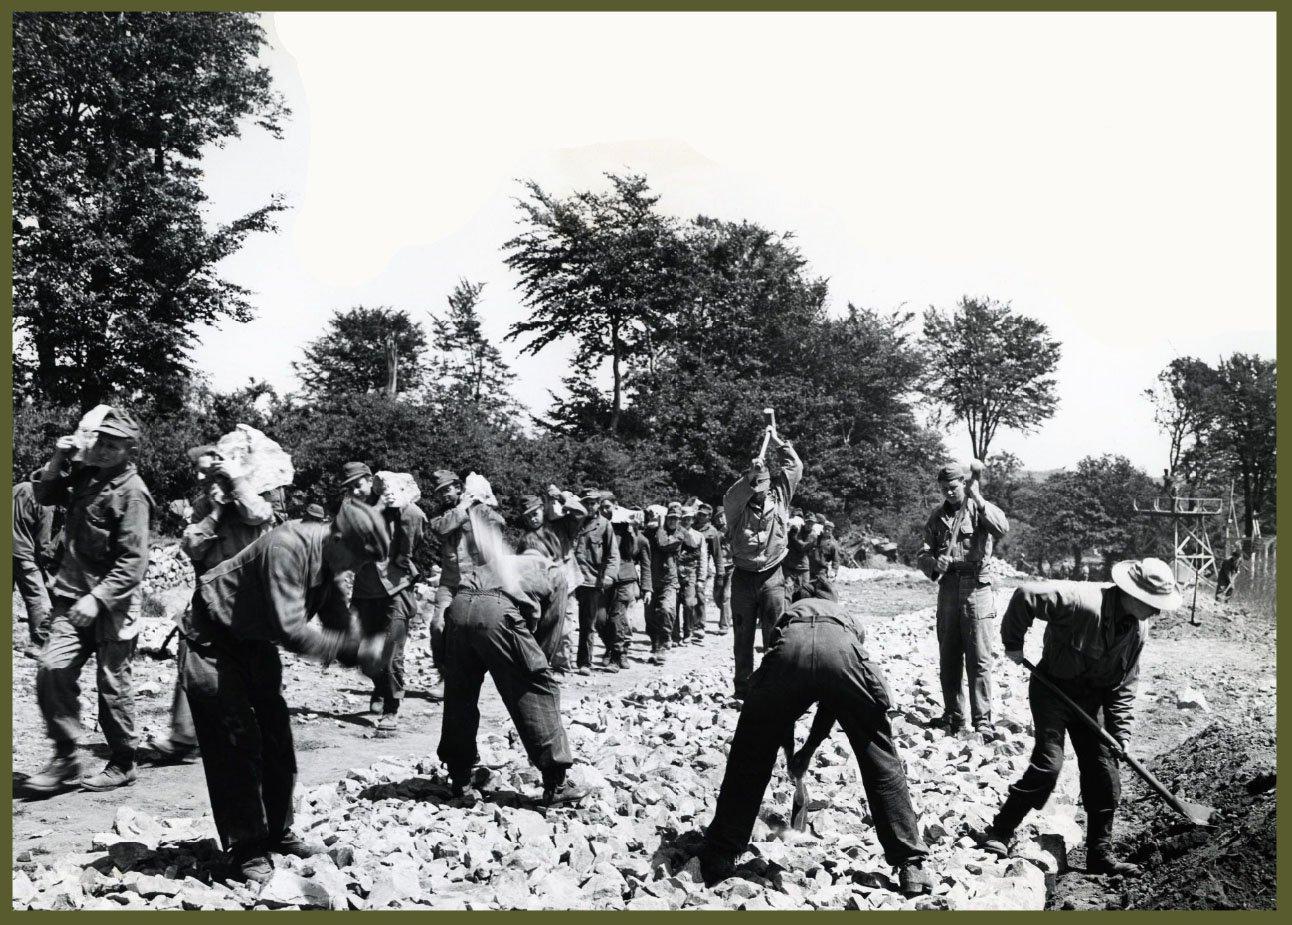 German pow breaking rocks in Normandy